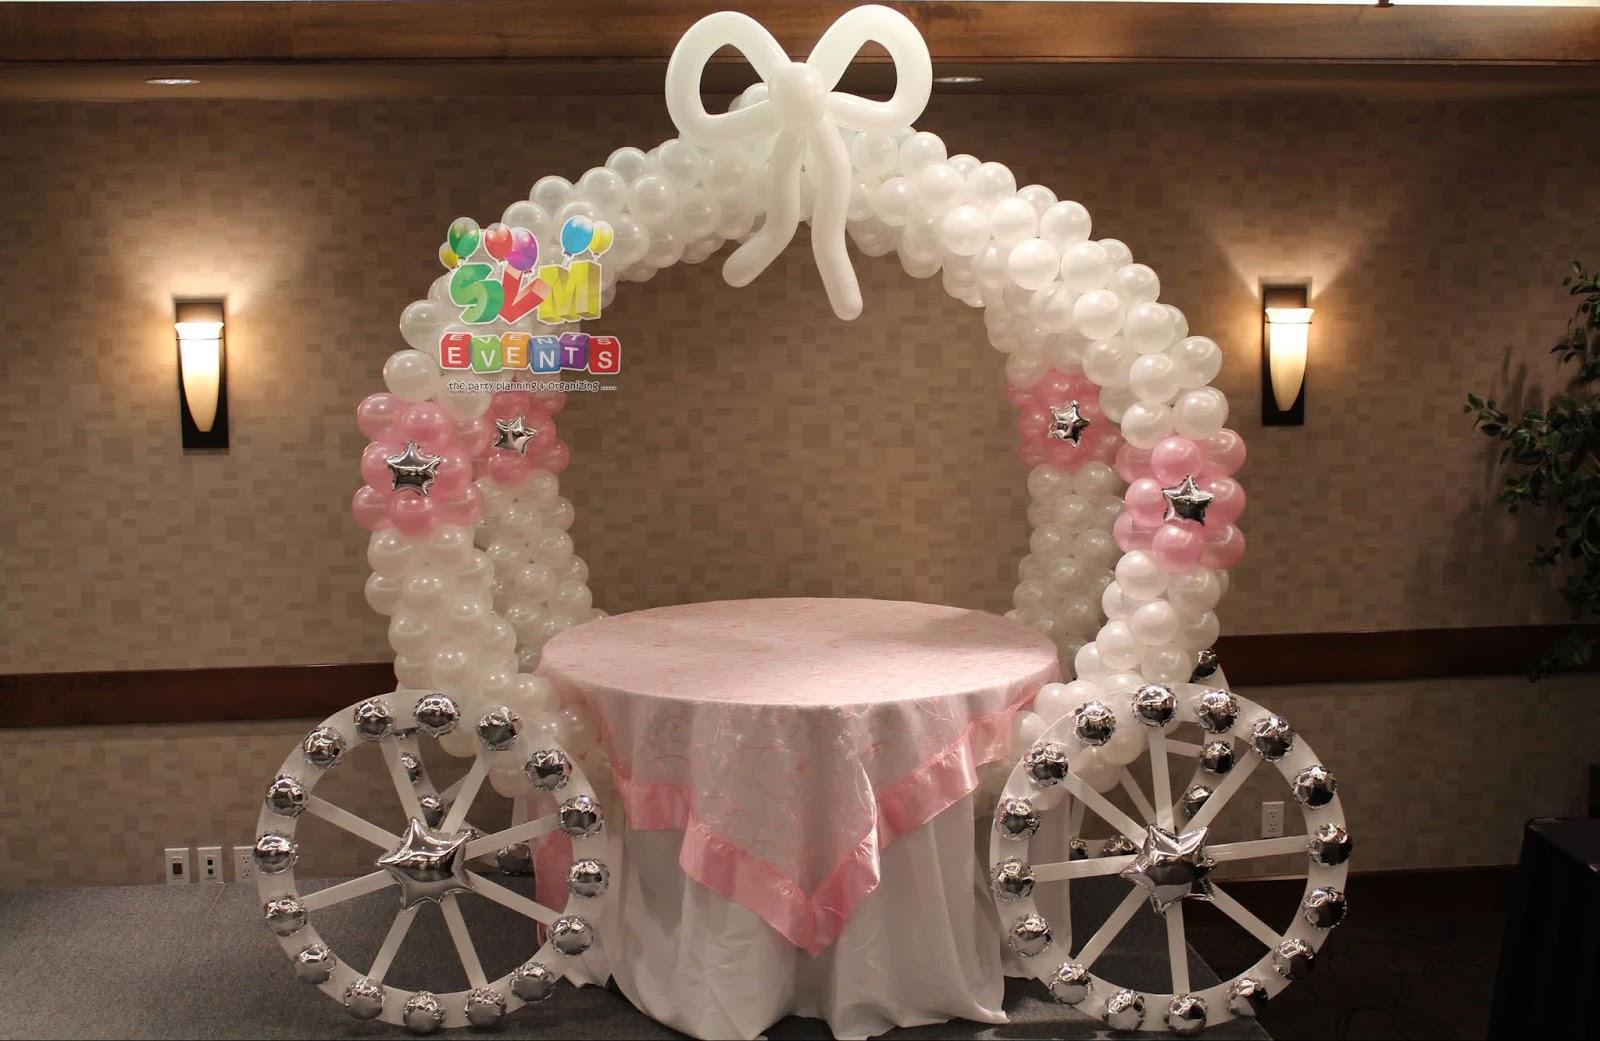 Princess Castle Party Decorations